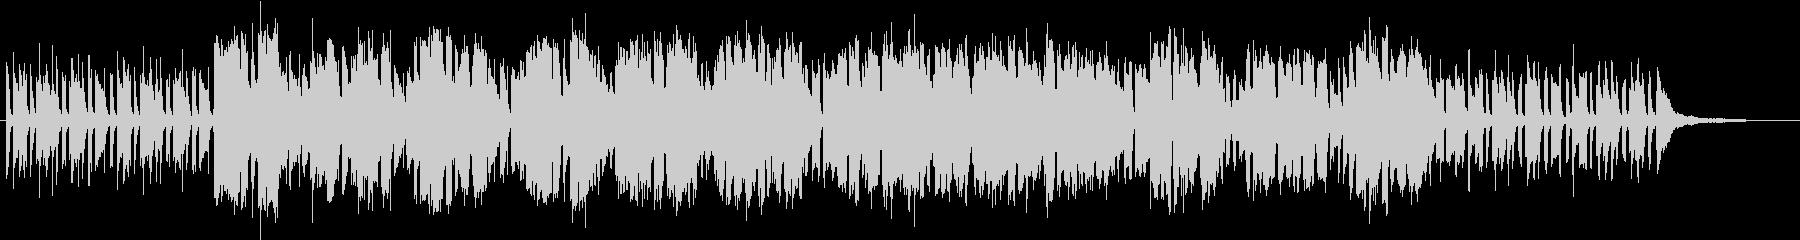 ピアノとフルートのオシャレなブルースの未再生の波形